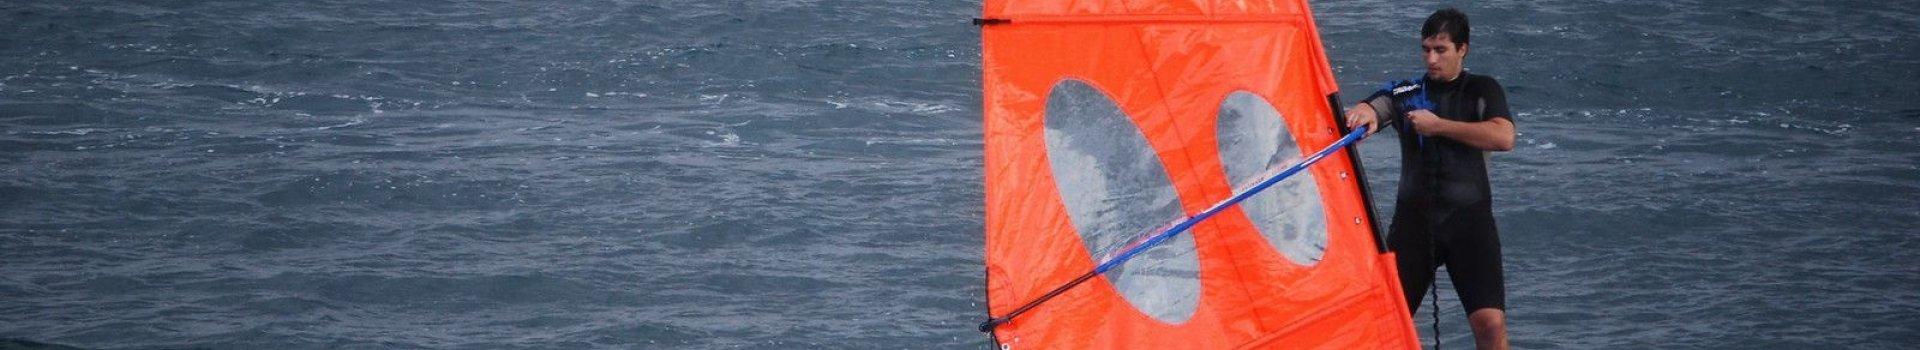 Maszty windsurfingowe dla początkujących